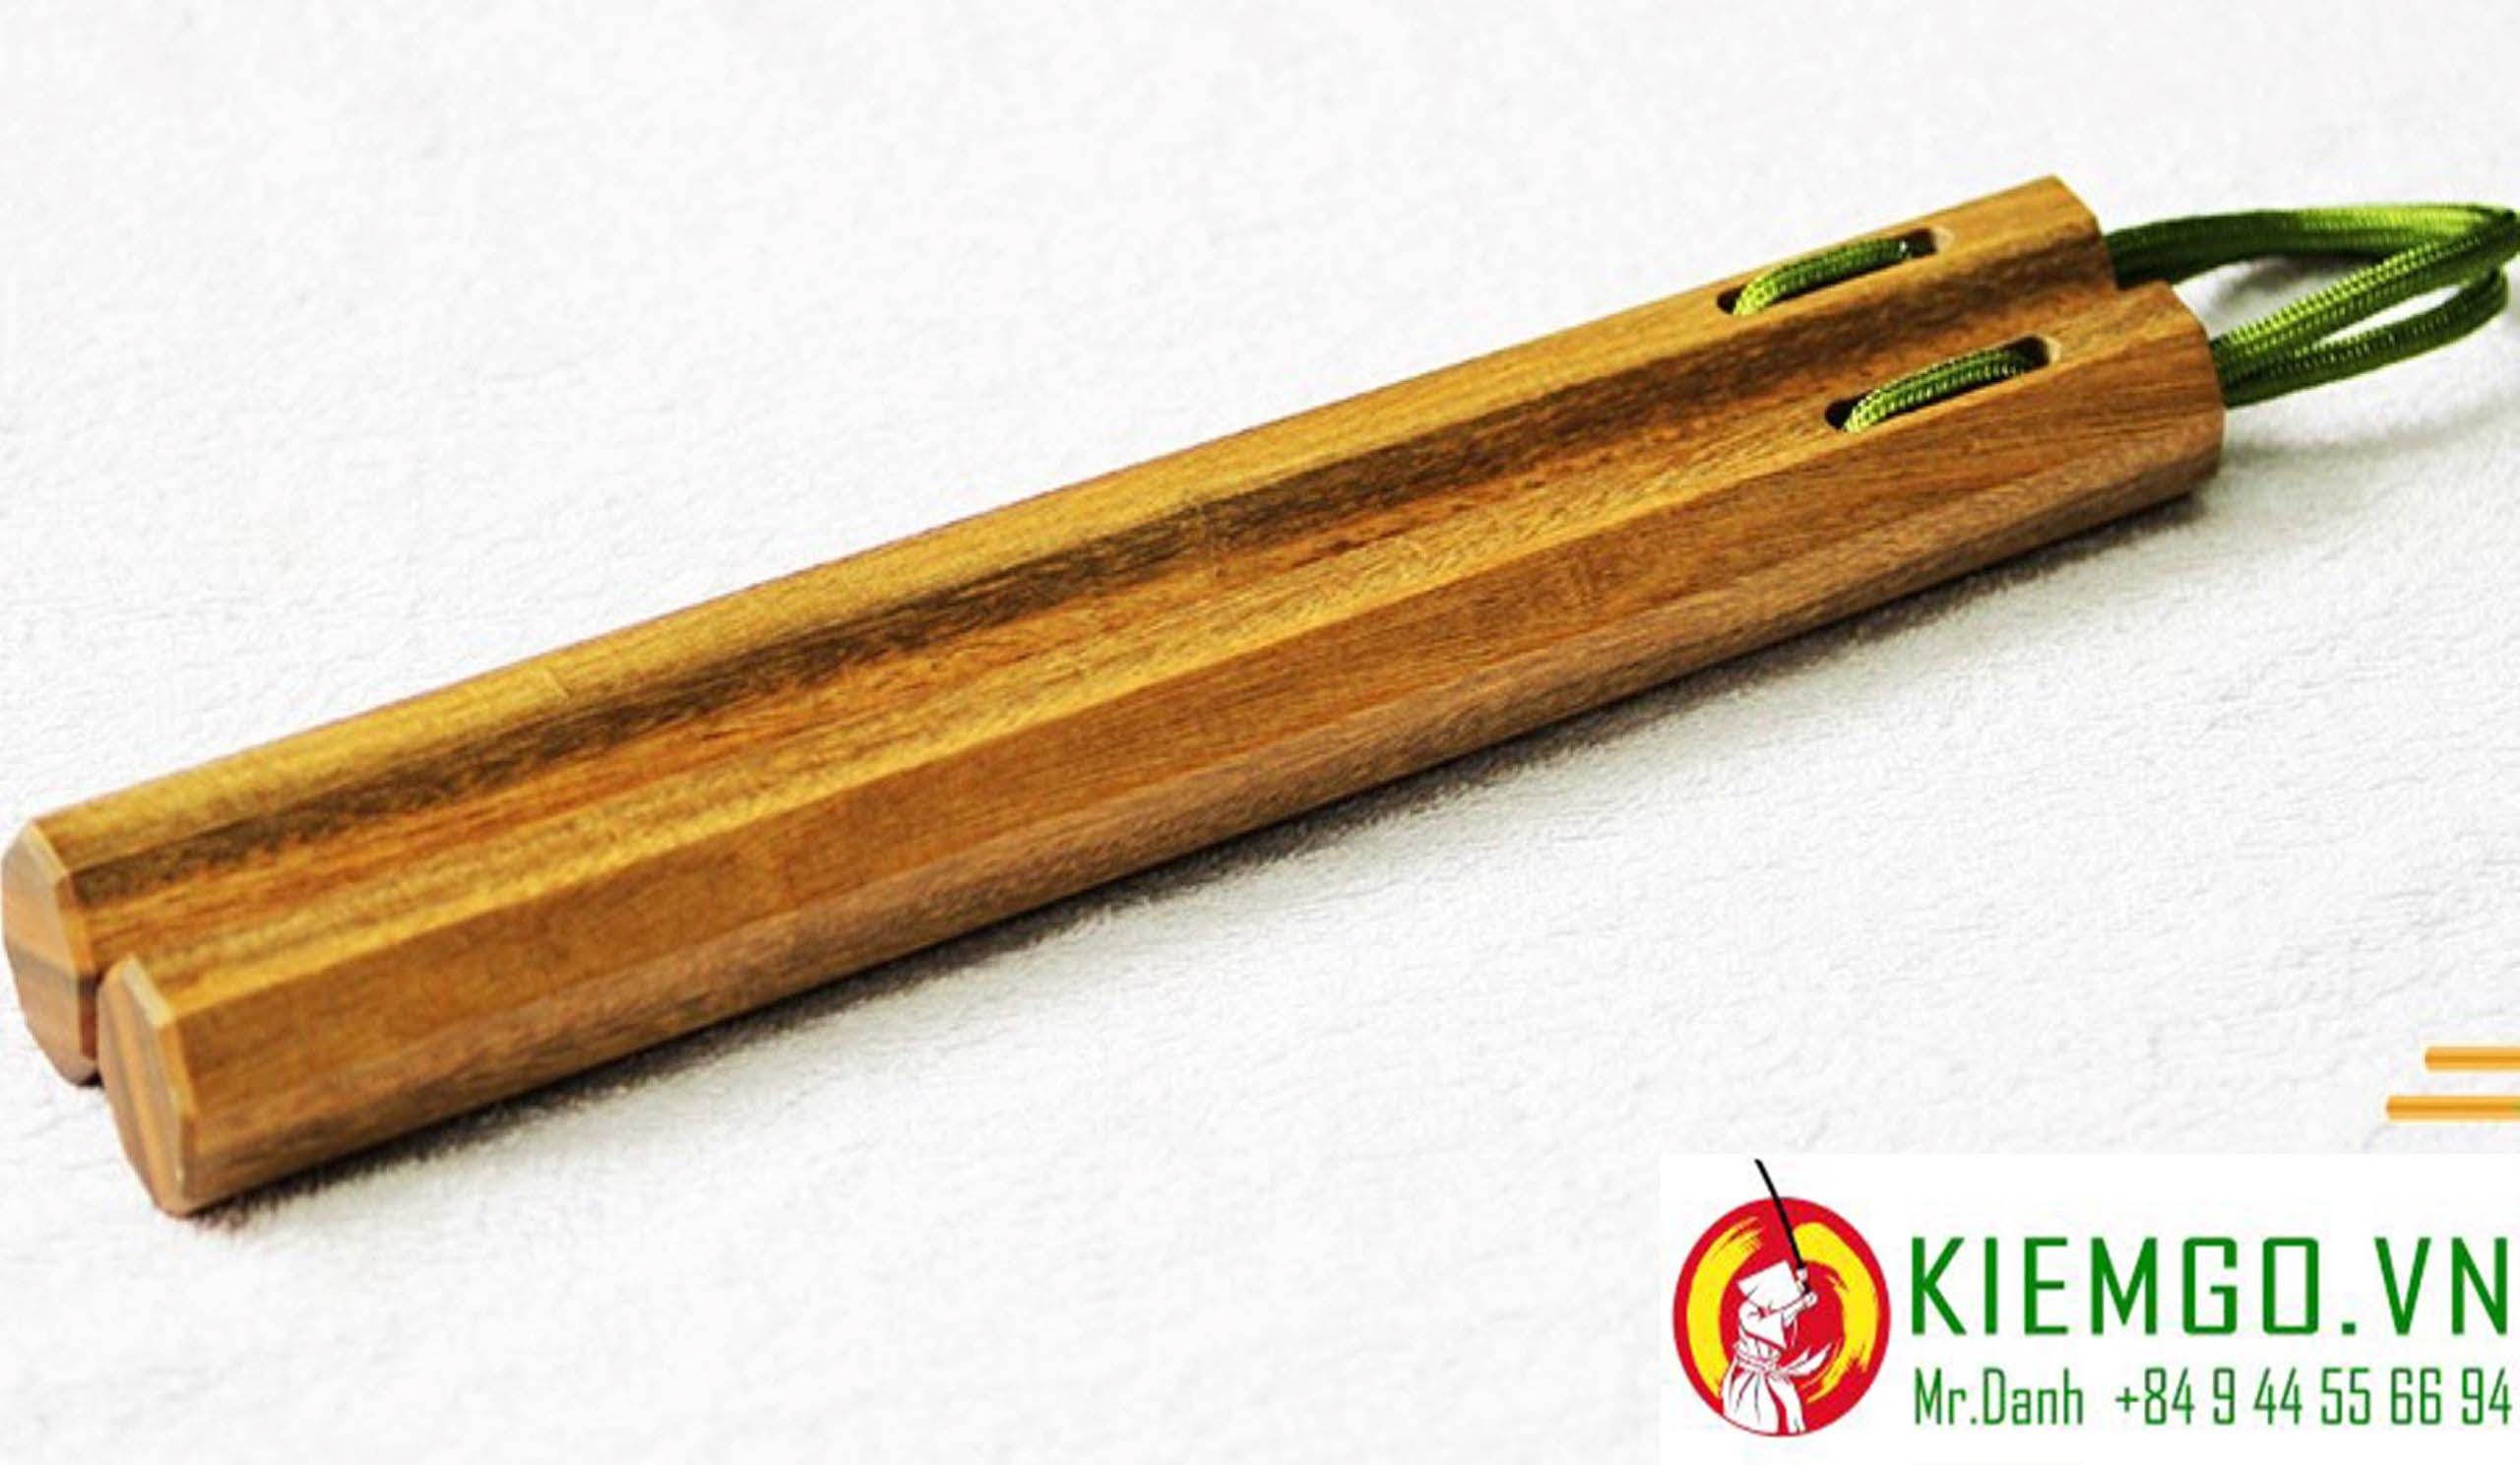 con-nhi-khuc-go-trac-xanh   côn nhị khúc gỗ trắc xanh   côn nhị khúc gỗ trắc xanh bát giác dây dù   côn nhị khúc gỗ trắc xanh 8 cạnh dây dù